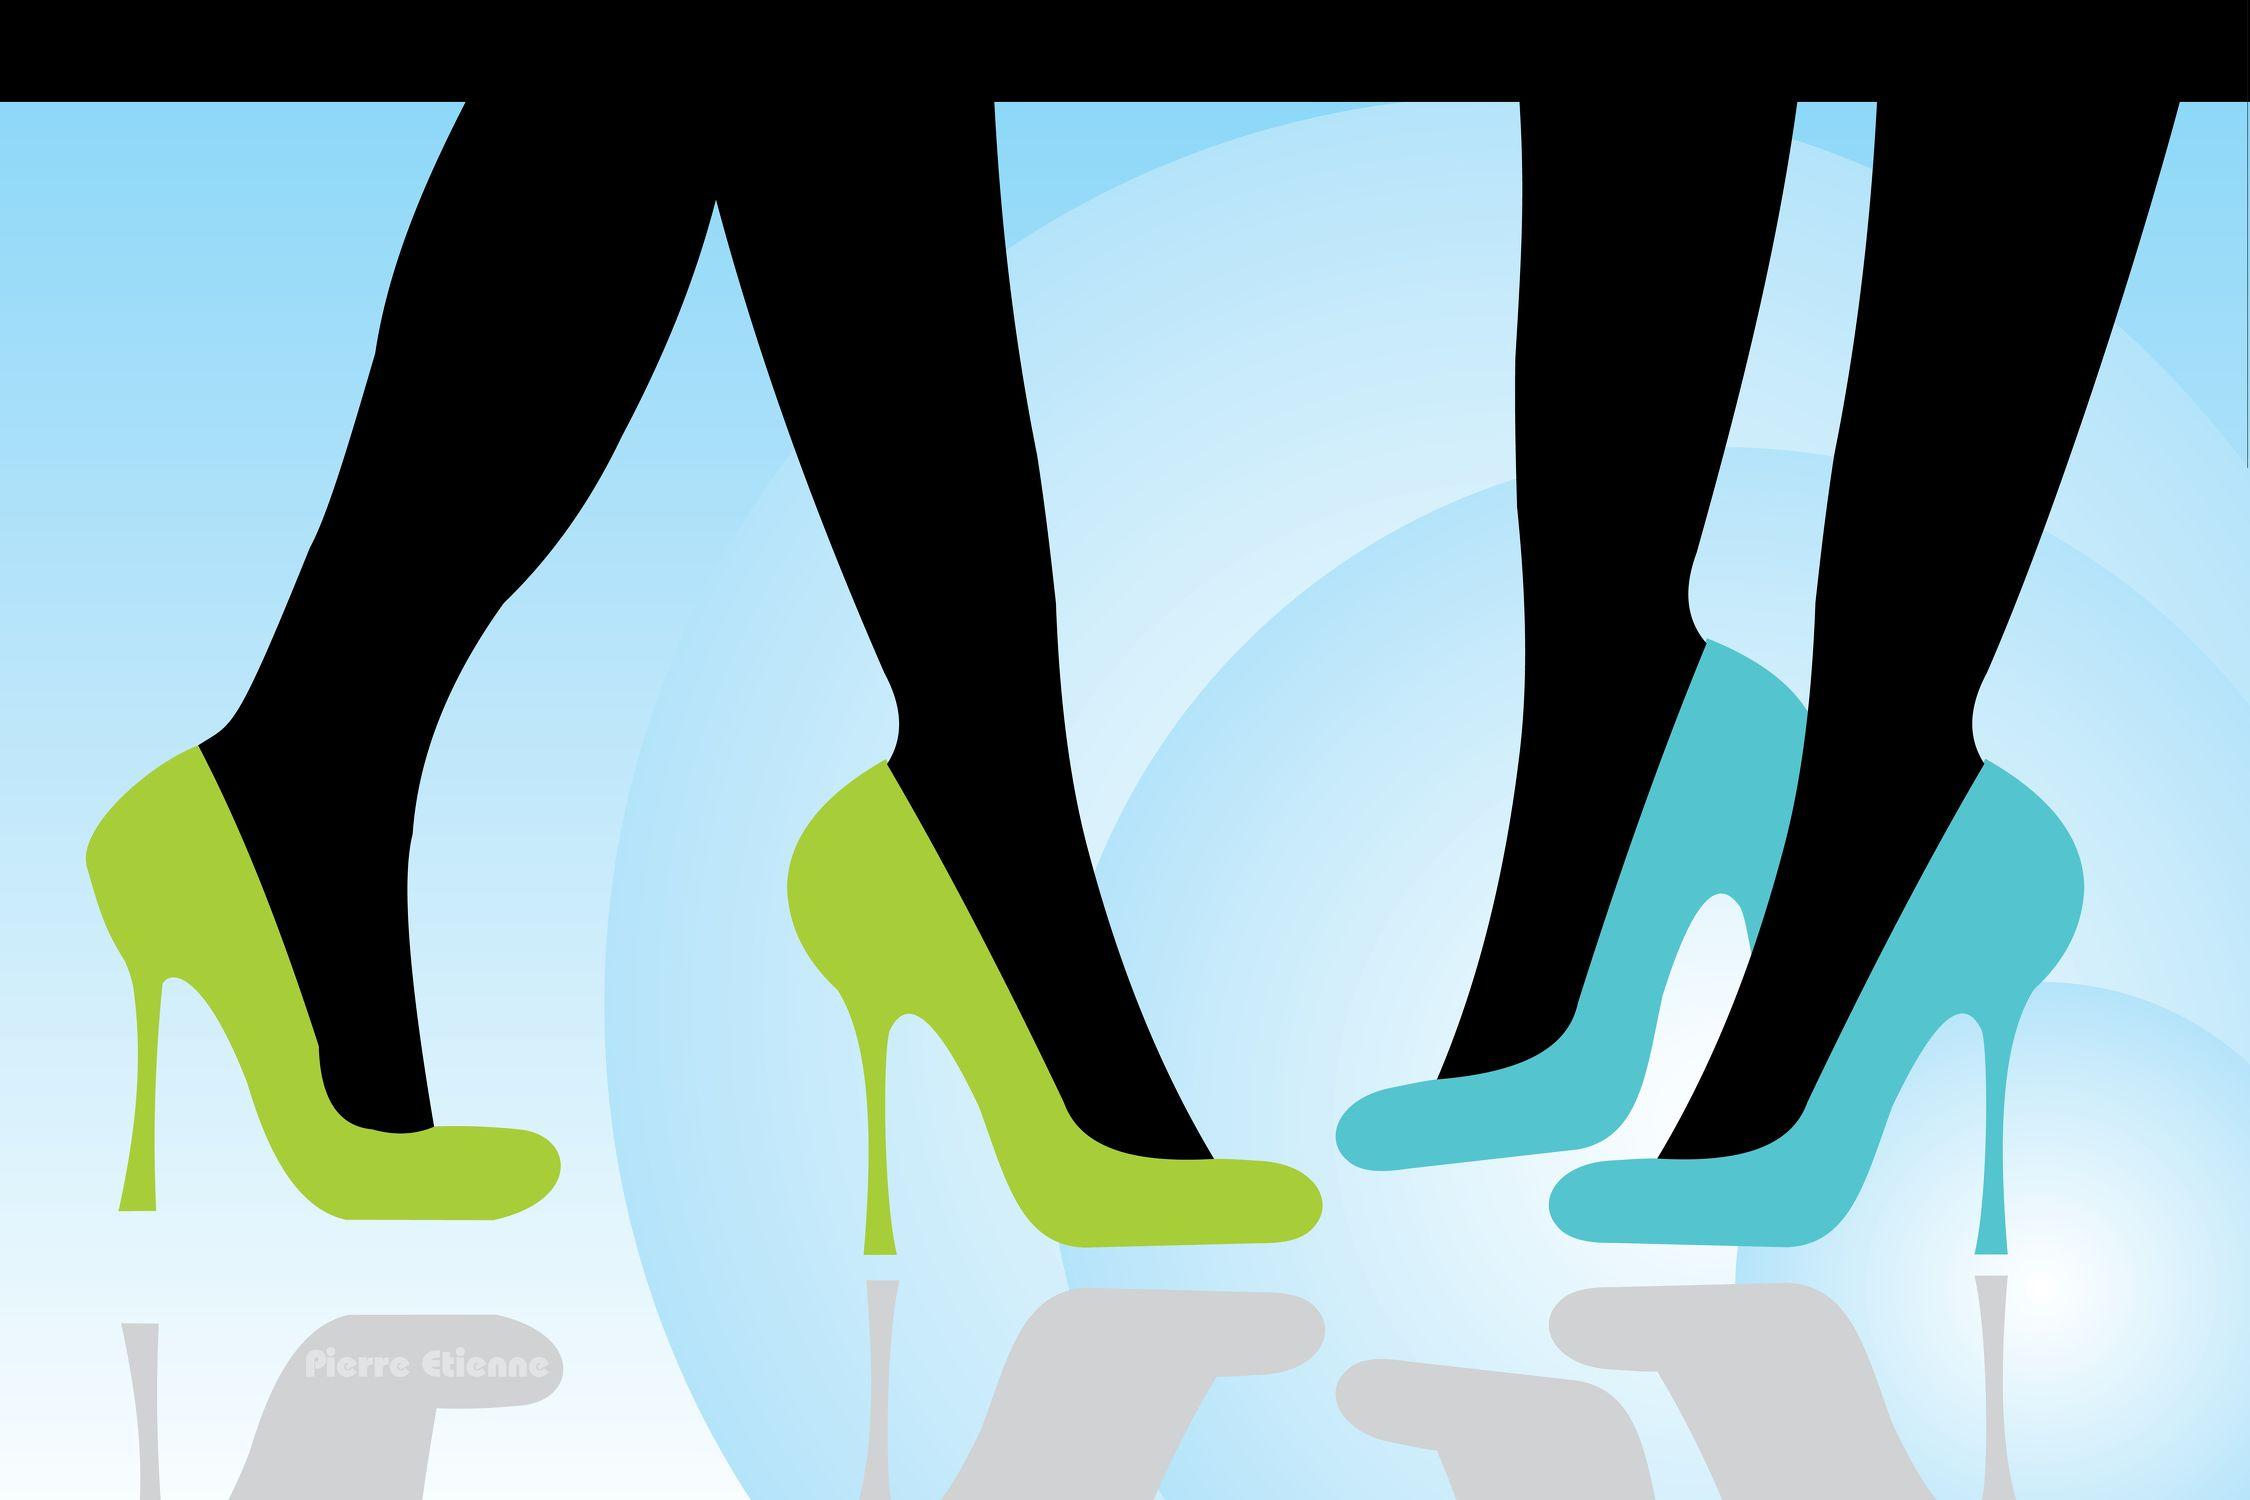 Bild mit Menschen, Körperteile, Beine, Kleidung und Accessoires, Schuhe